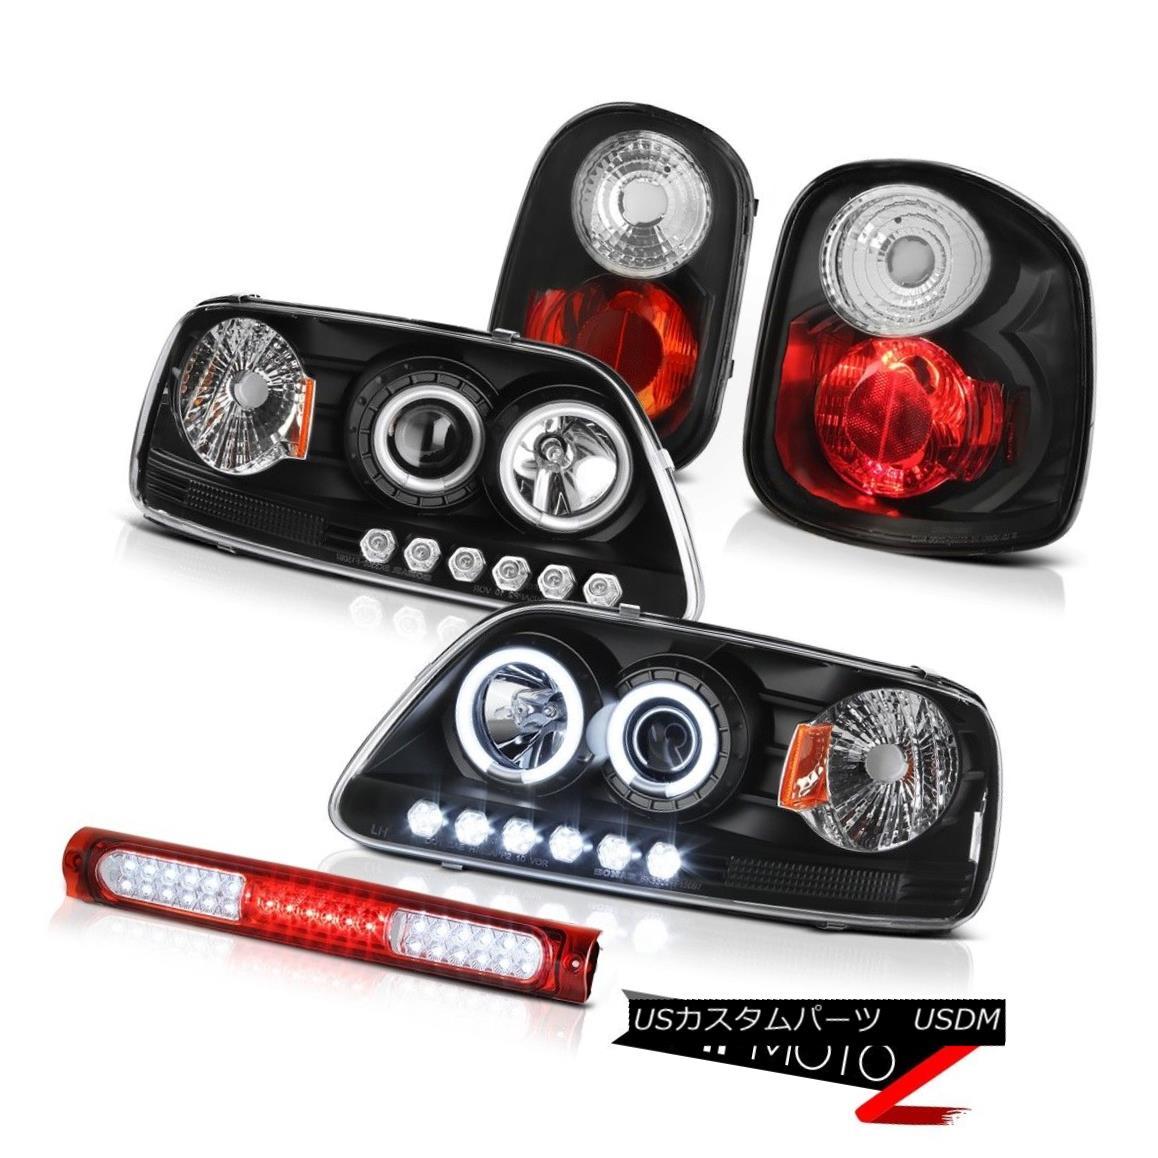 ヘッドライト 2X CCFL Projector Headlights Tail Lights 3rd LED Red 97-00 F150 Flareside XLT 2X CCFLプロジェクターヘッドライトテールライト3rd LED Red 97-00 F150 Flareside XLT